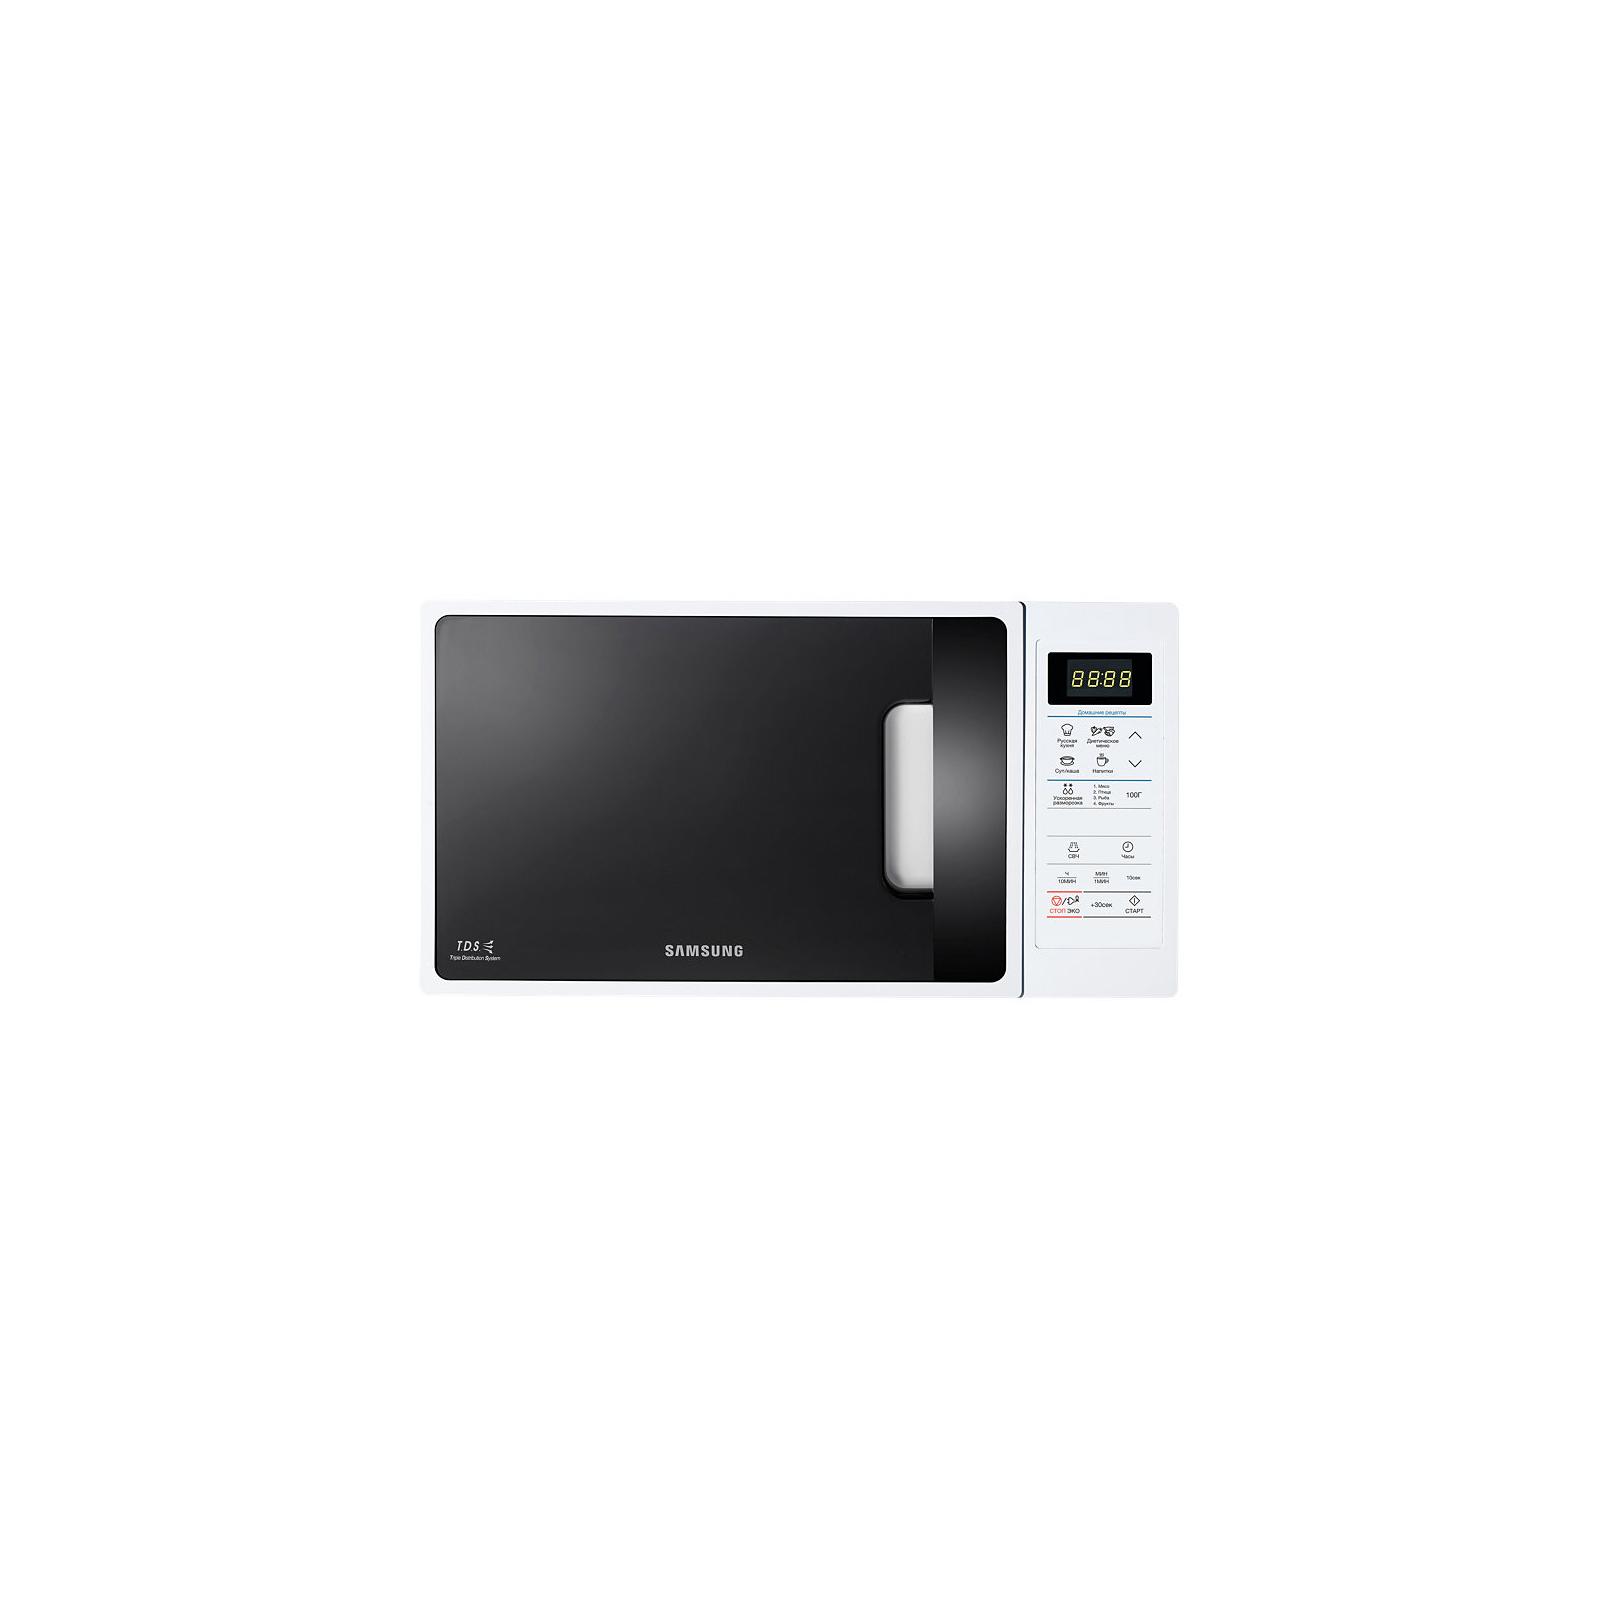 Микроволновая печь Samsung ME 83 ARW/BW (ME83ARW/BW)